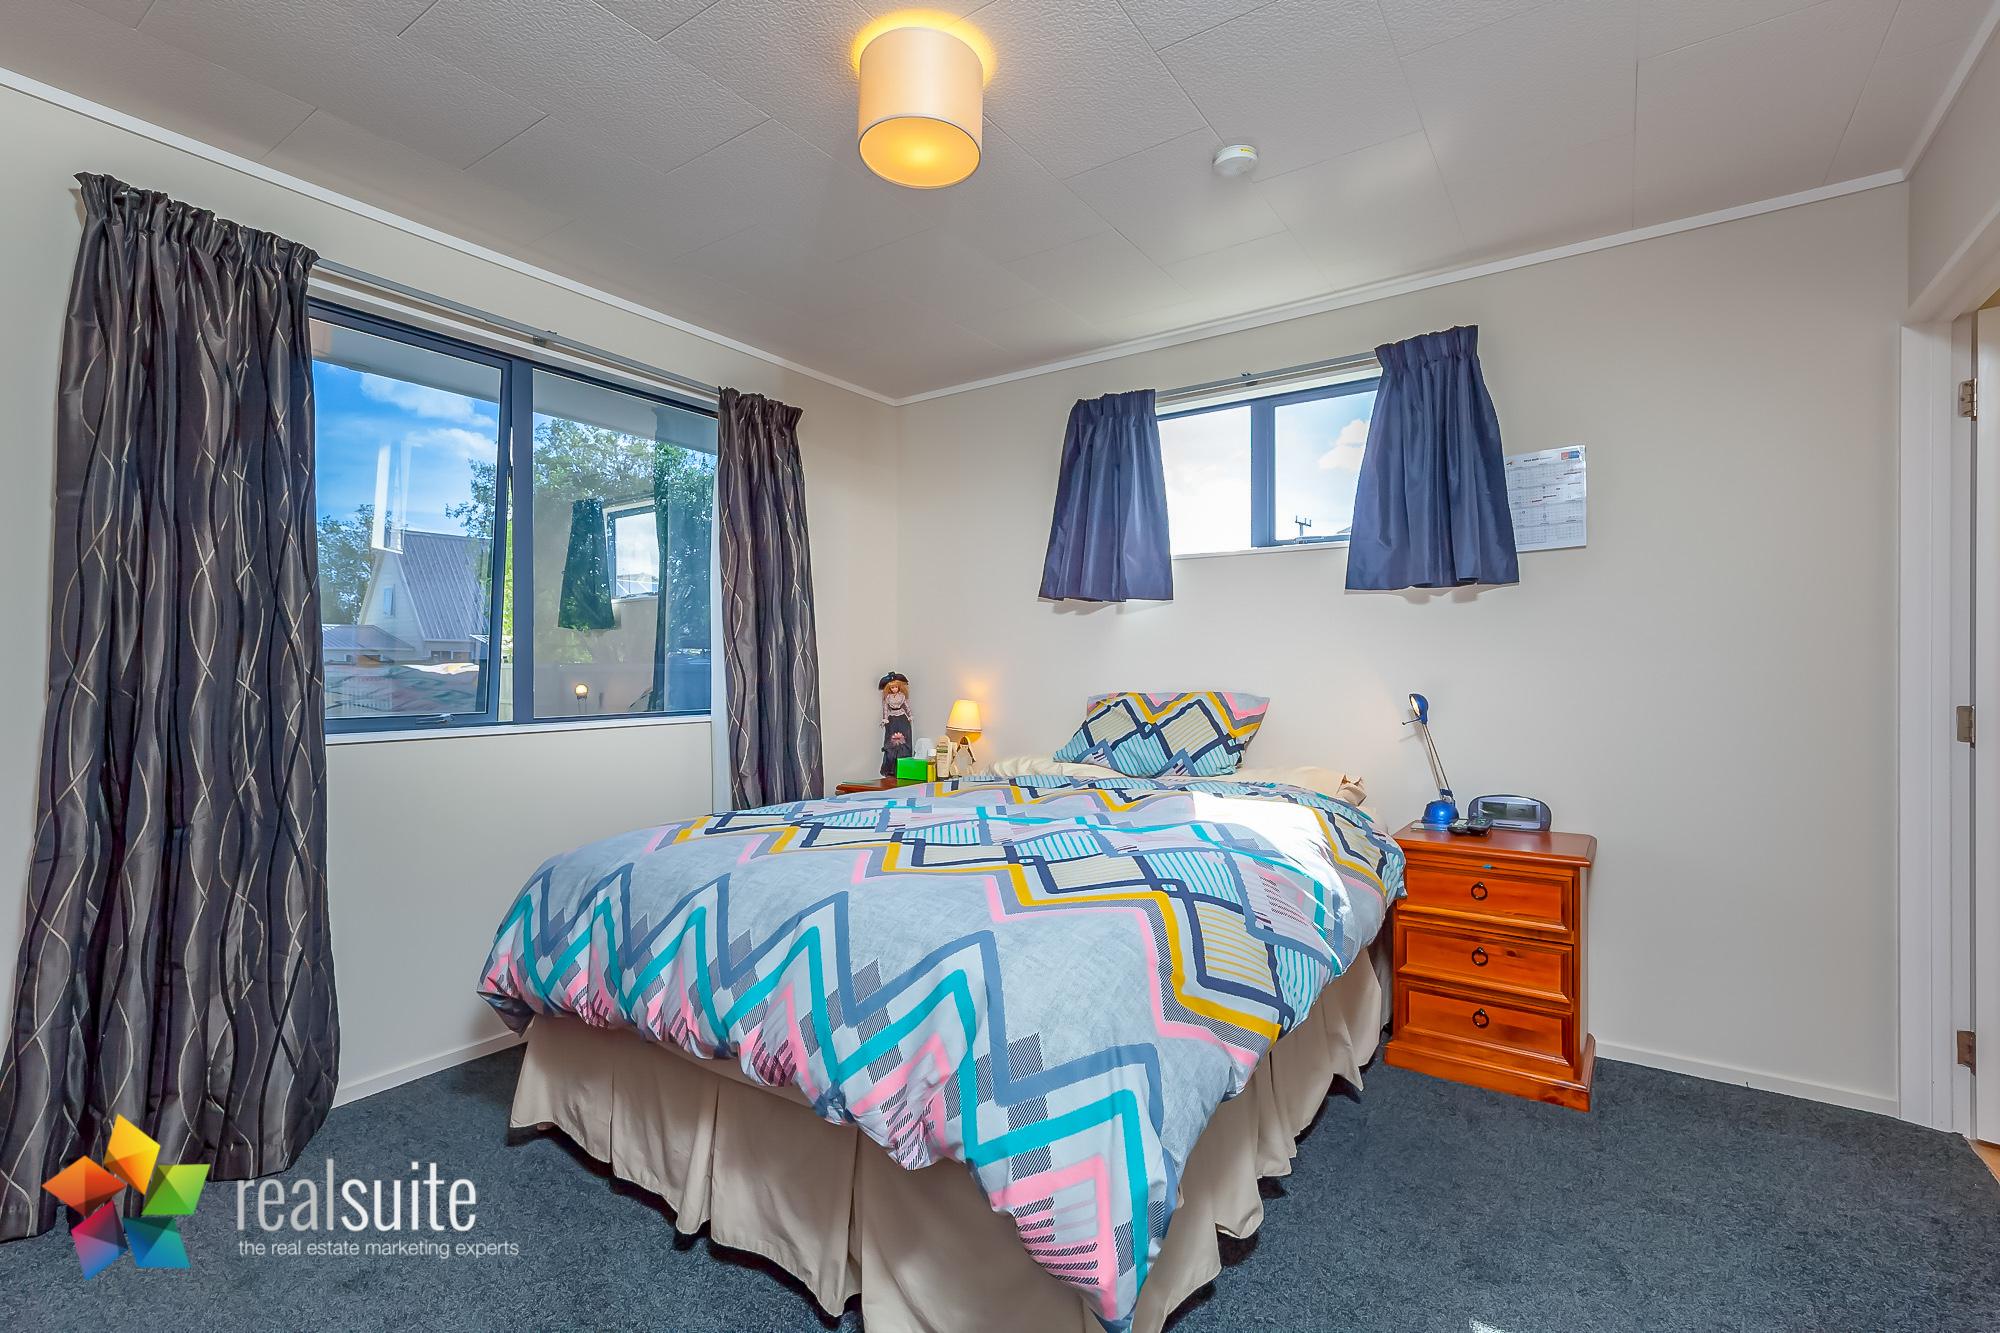 Realsuite Bedrooms (9)